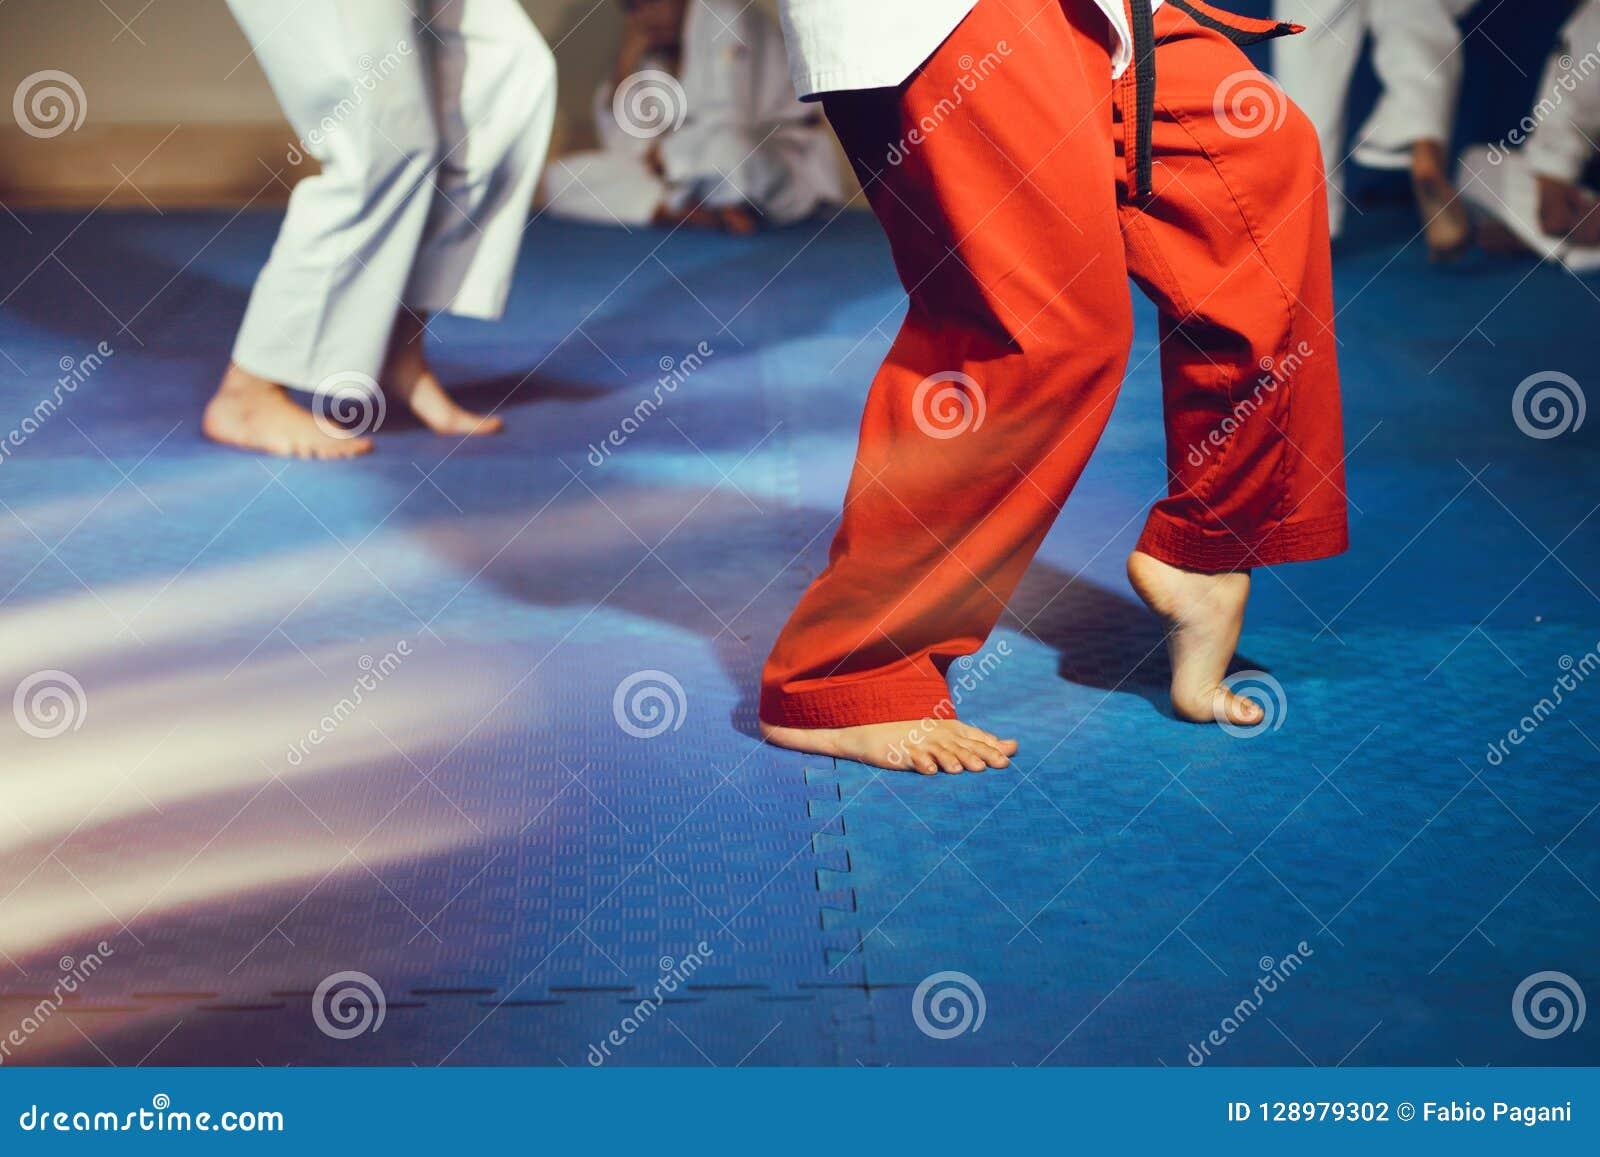 跆拳道运动员赤脚在地板上的武道运动